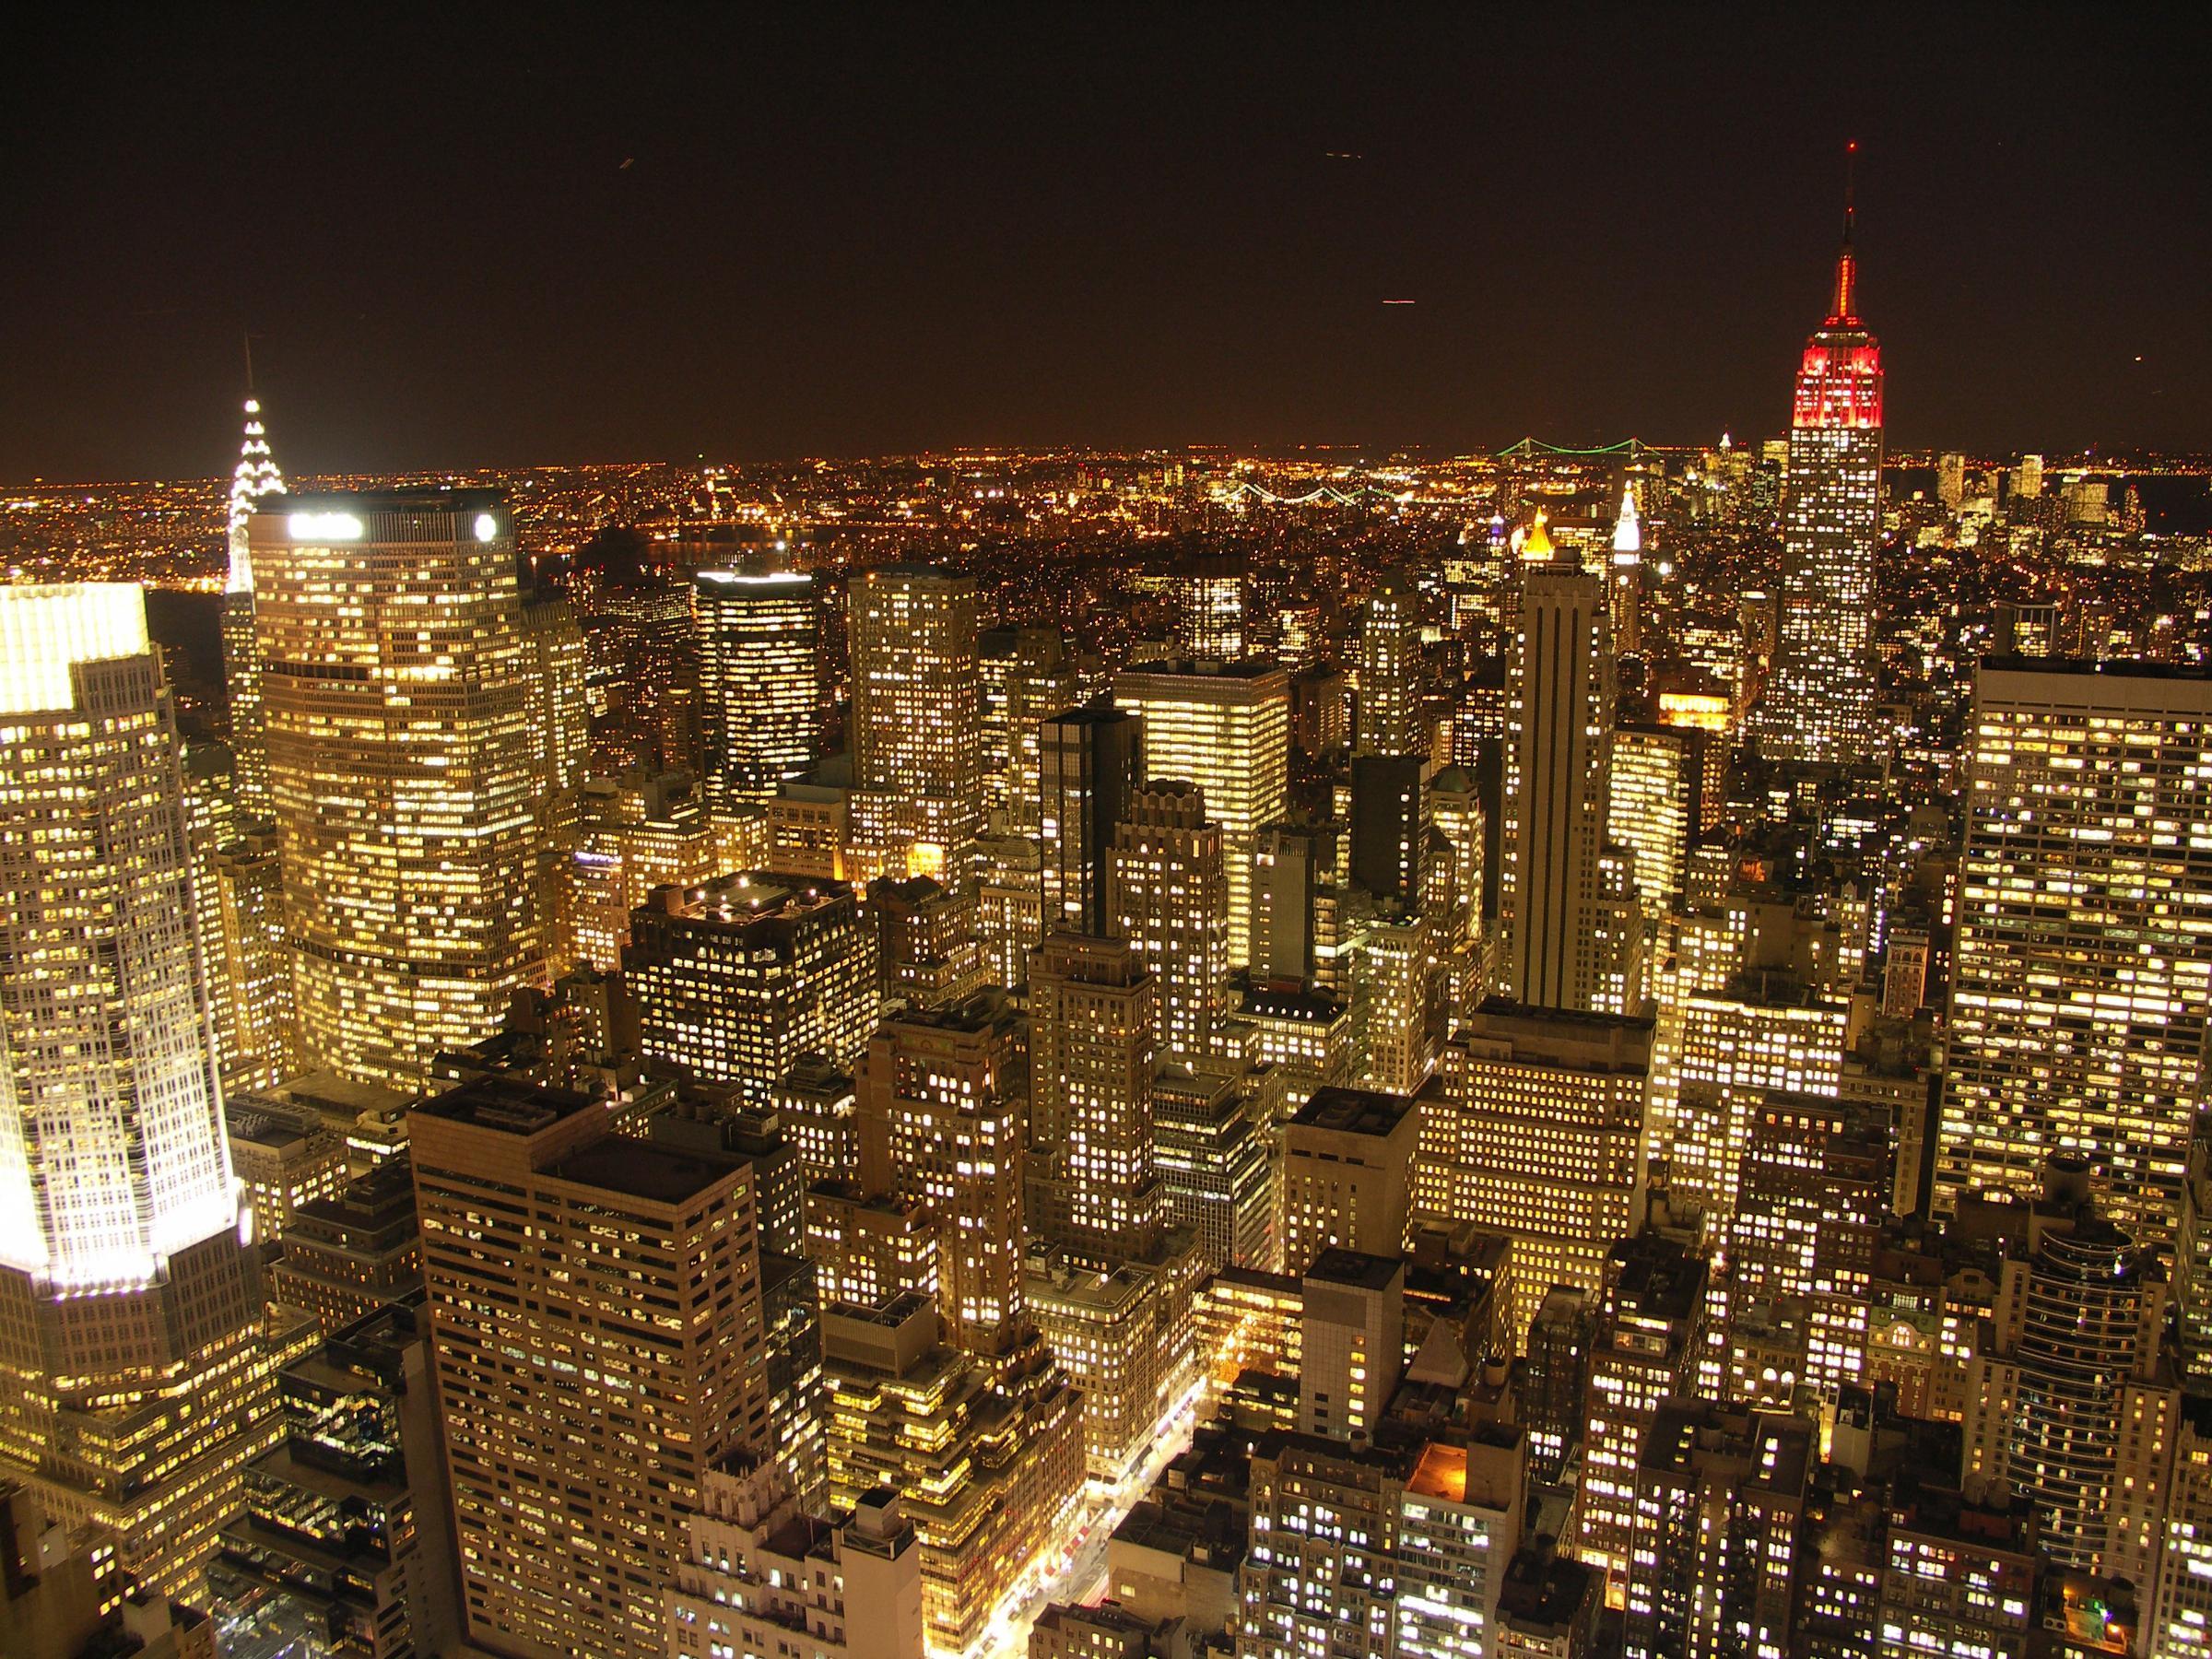 Πατήστε στην εικόνα για να τη δείτε σε μεγένθυνση  Όνομα:  New-York-2.jpg Εμφανίσεις:  119 Μέγεθος:  868,2 KB